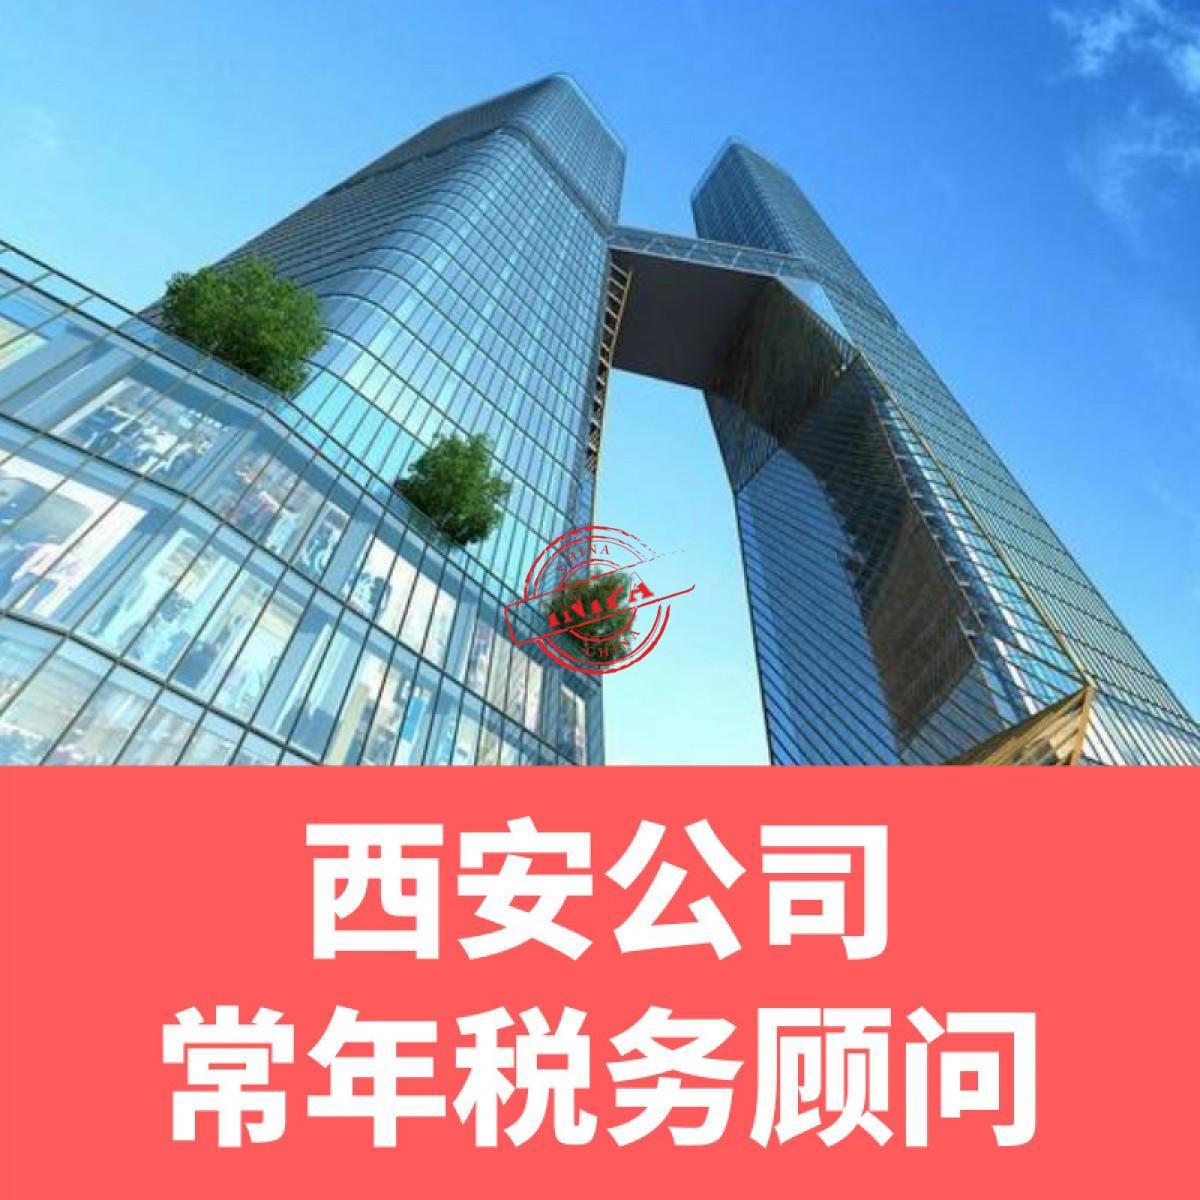 西安公司常年税务顾问_专为企业提供财税顾问服务